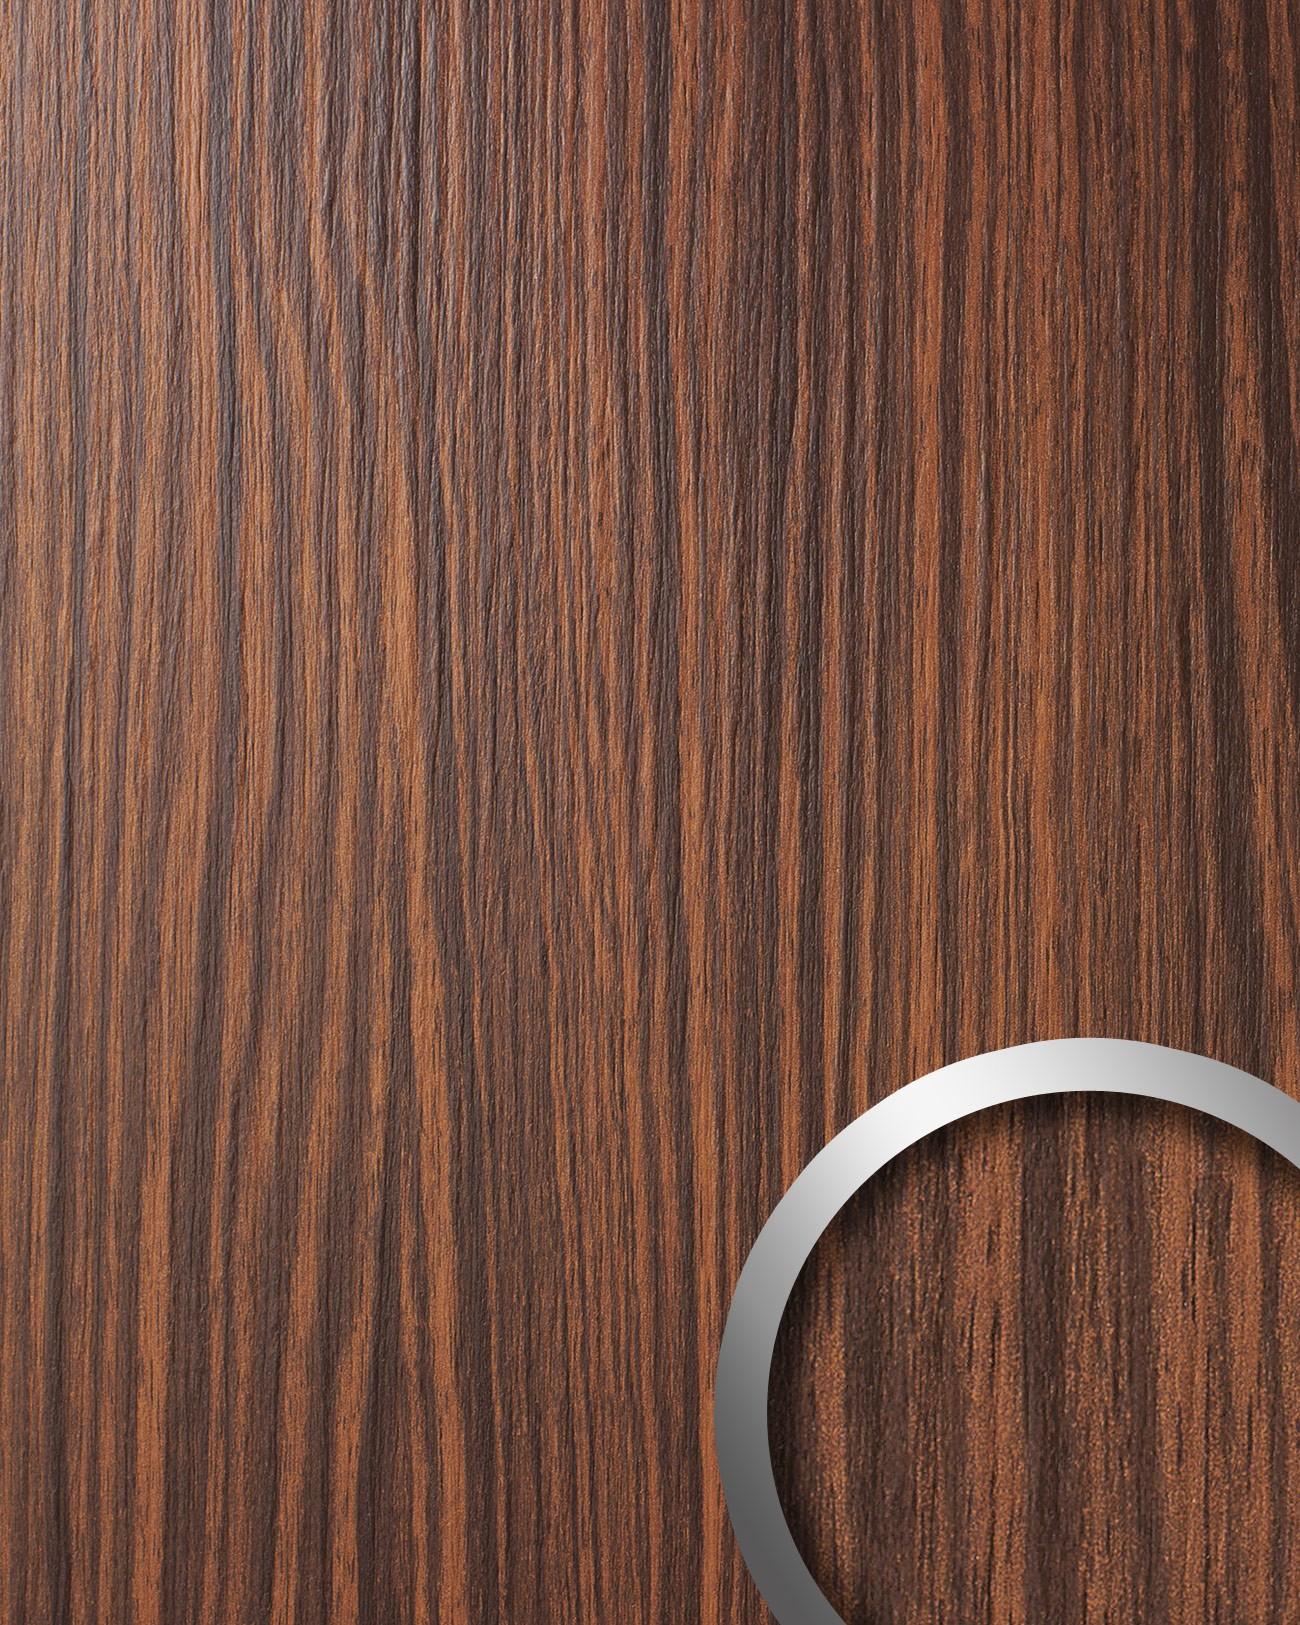 Wandbekleding hout design bruin WallFace 12441 WOOD MAKASSAR Wandbekleding boot caravan kantoor